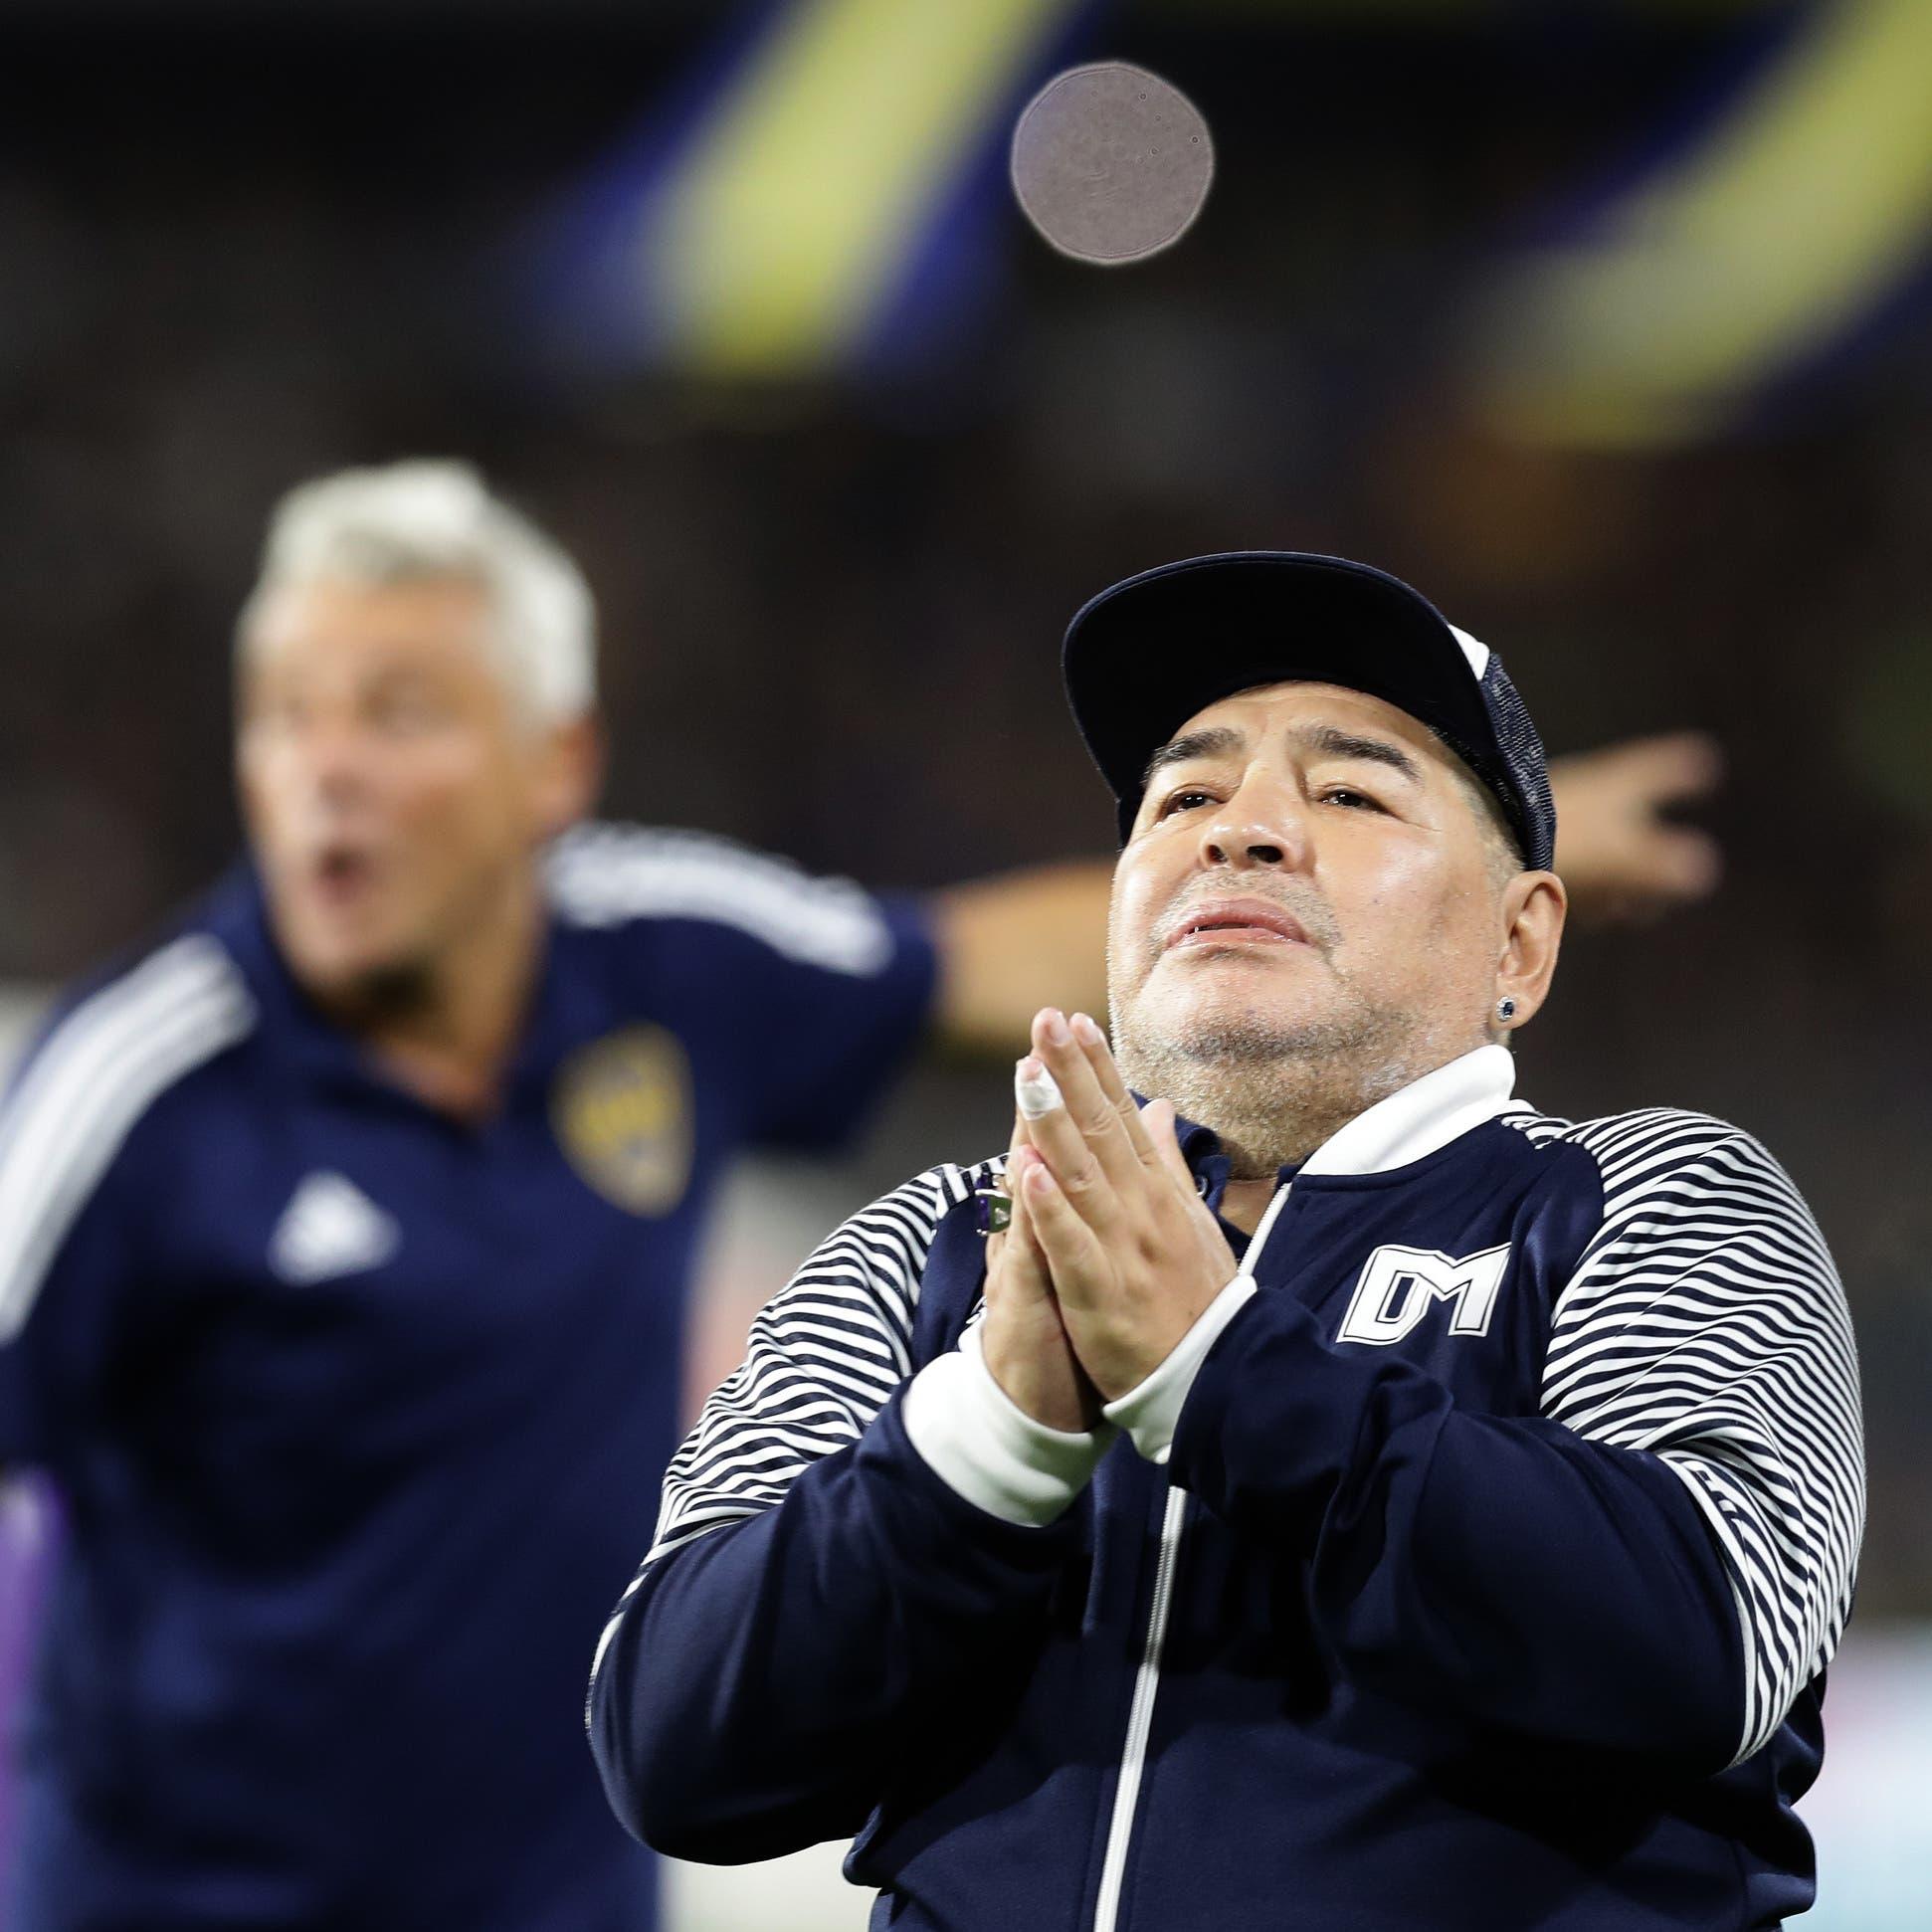 وفاة أسطورة كرة القدم مارادونا.. والأرجنتين تعلن الحداد